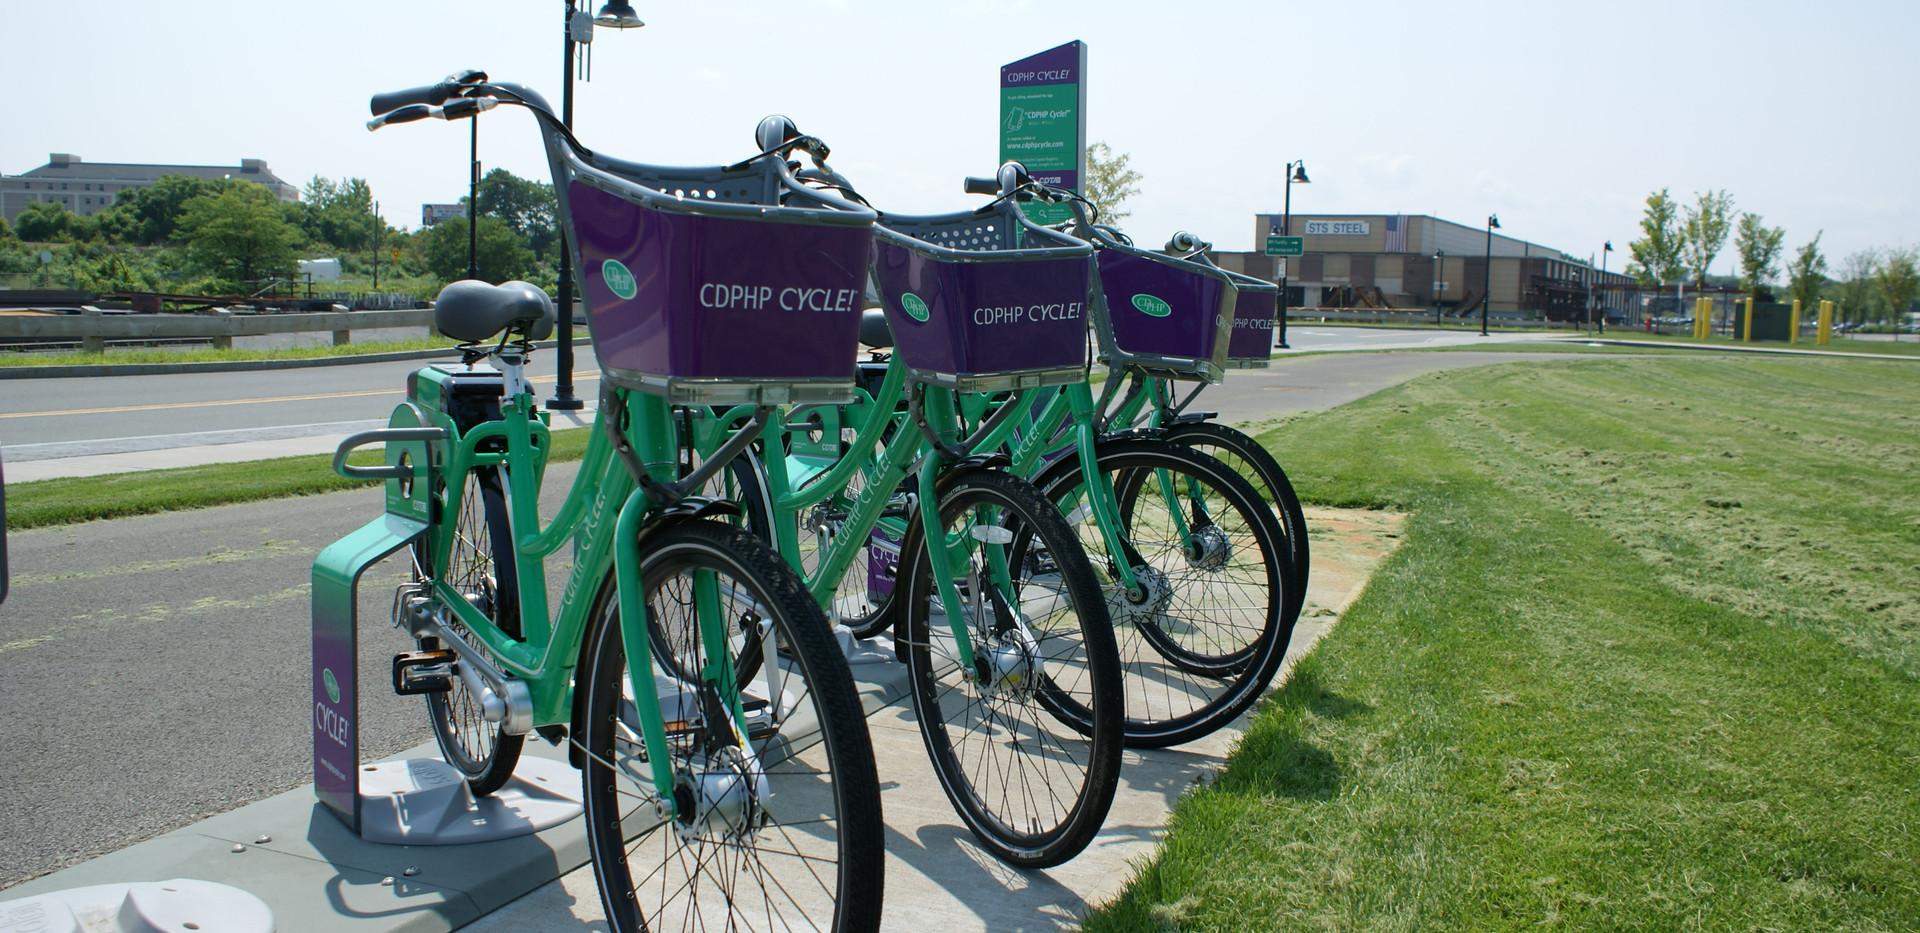 CDPHP Bike Rentals